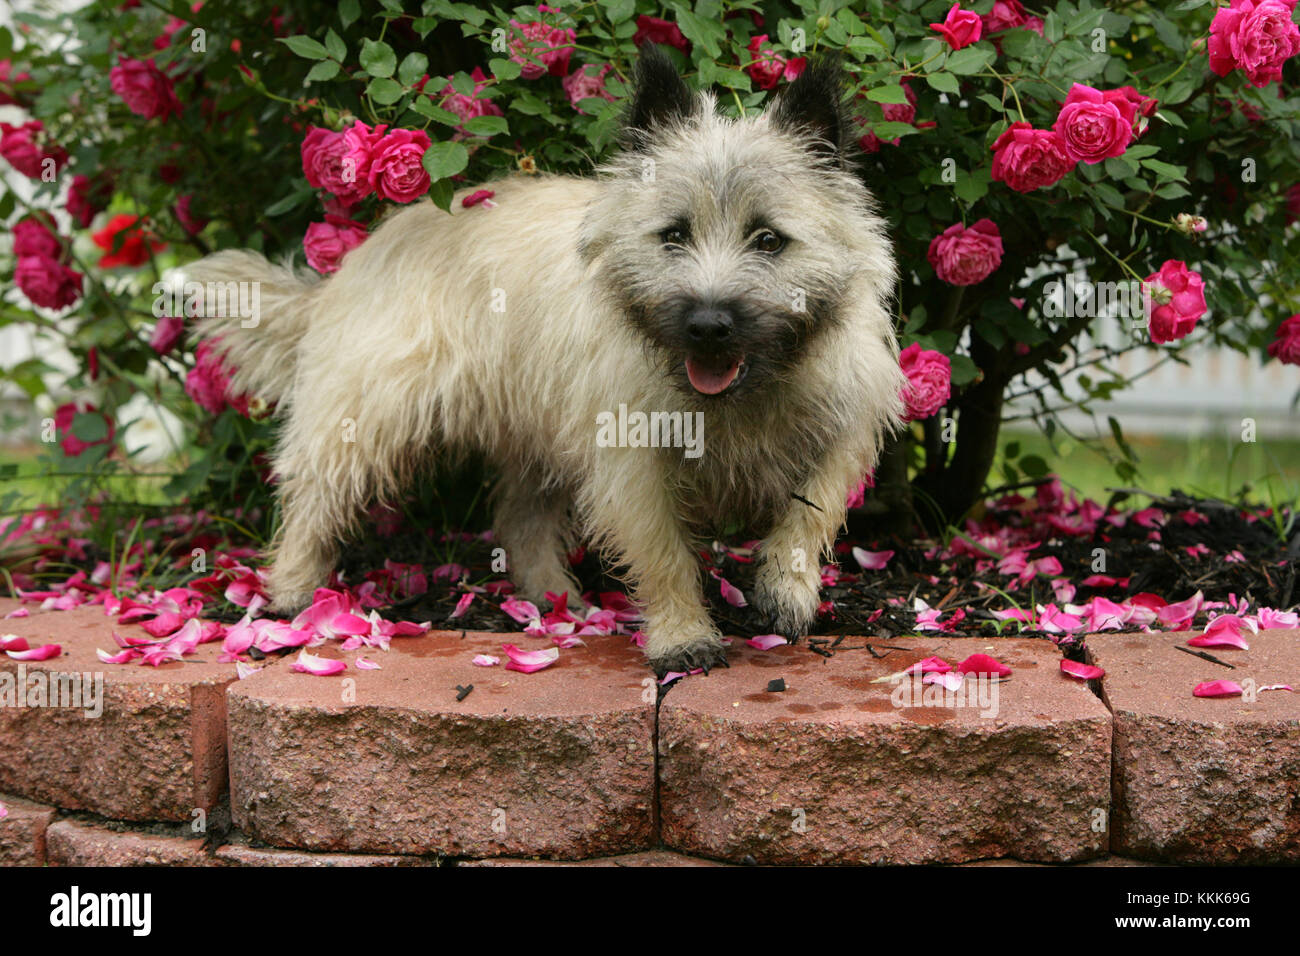 Terrier - Cairn Cairn Terrier Short-haired Skye - Stock Image